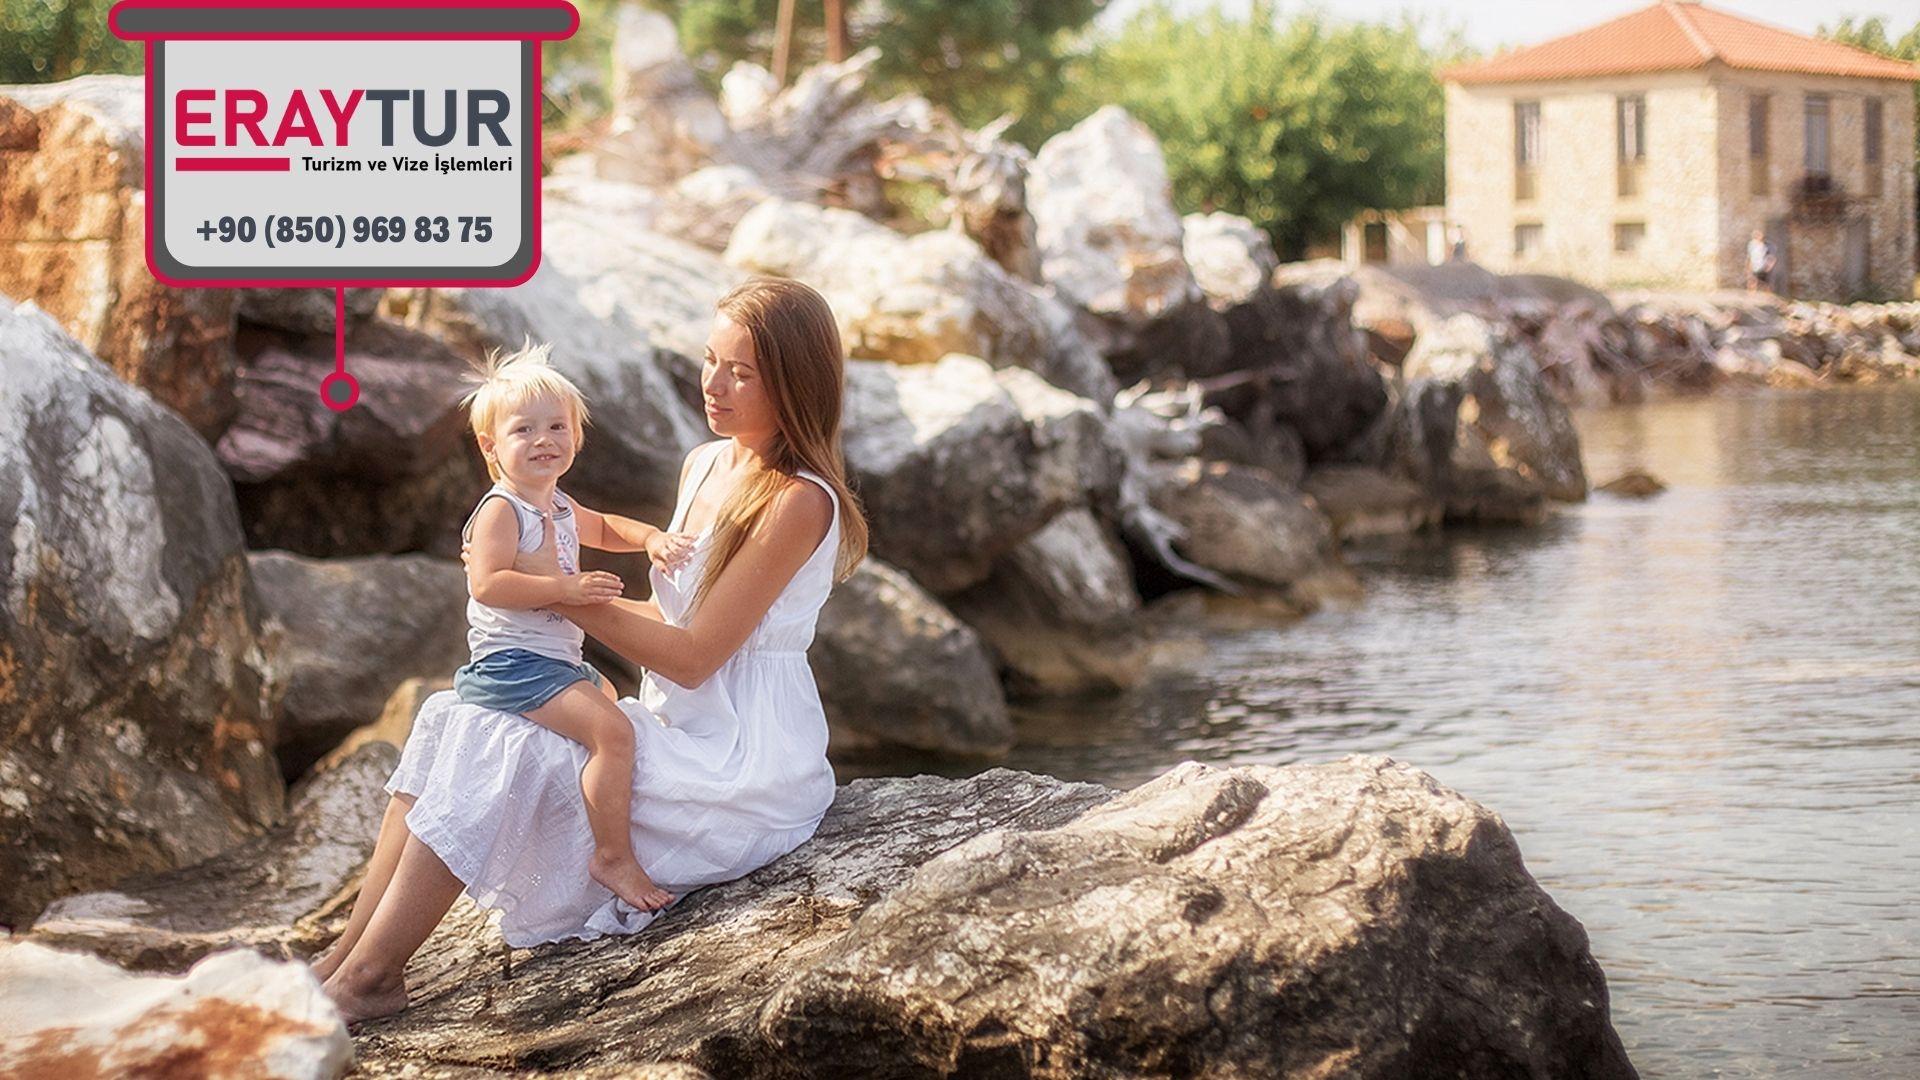 Yunanistan Aile Ziyareti Vize Ücreti